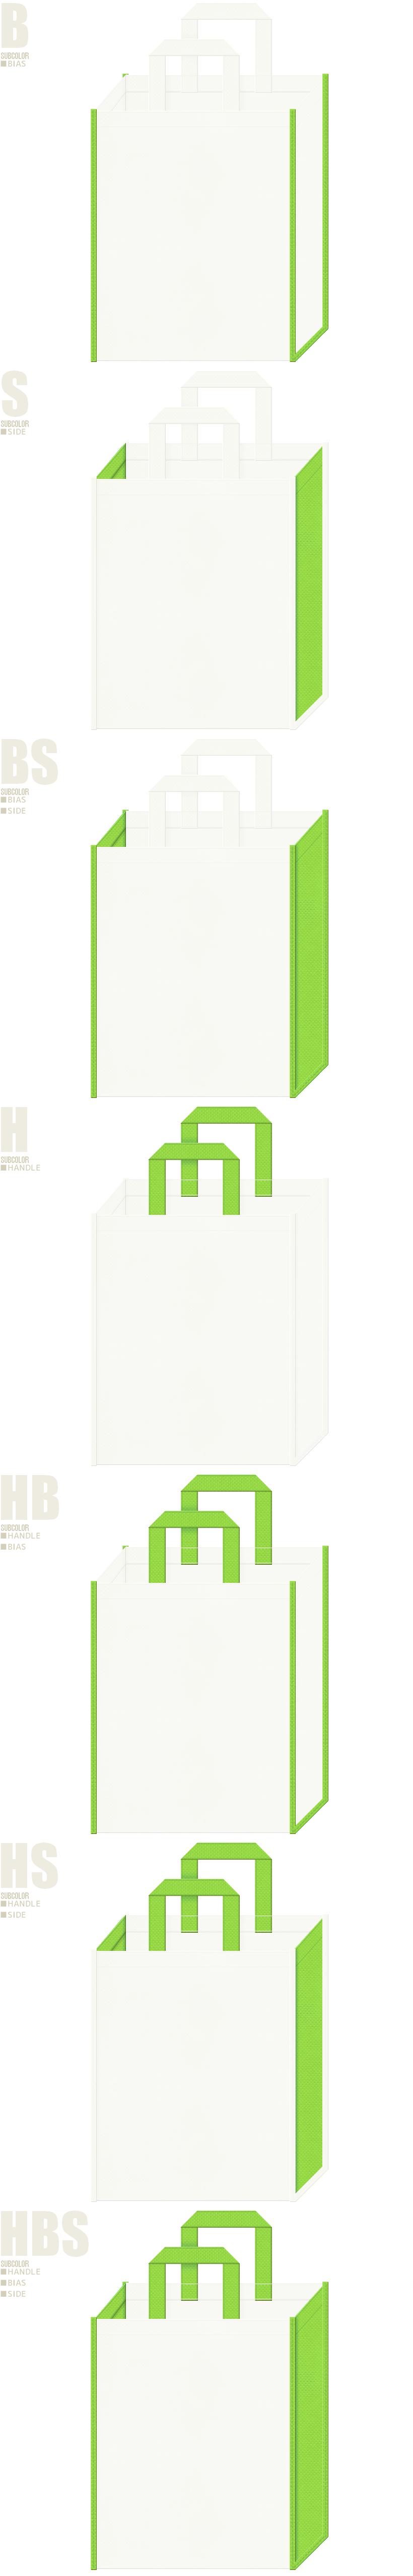 キャベツ・白ねぎ・レタス・カイワレ・水耕栽培・野菜工場・ナチュラル・健康器具・健康食品・ハーブ・植物・プランター・屋上緑化・壁面緑化・園芸用品・緑化推進・エコイベント・展示会用バッグにお奨めの不織布バッグデザイン:オフホワイト色と黄緑色の不織布バッグ配色7パターン